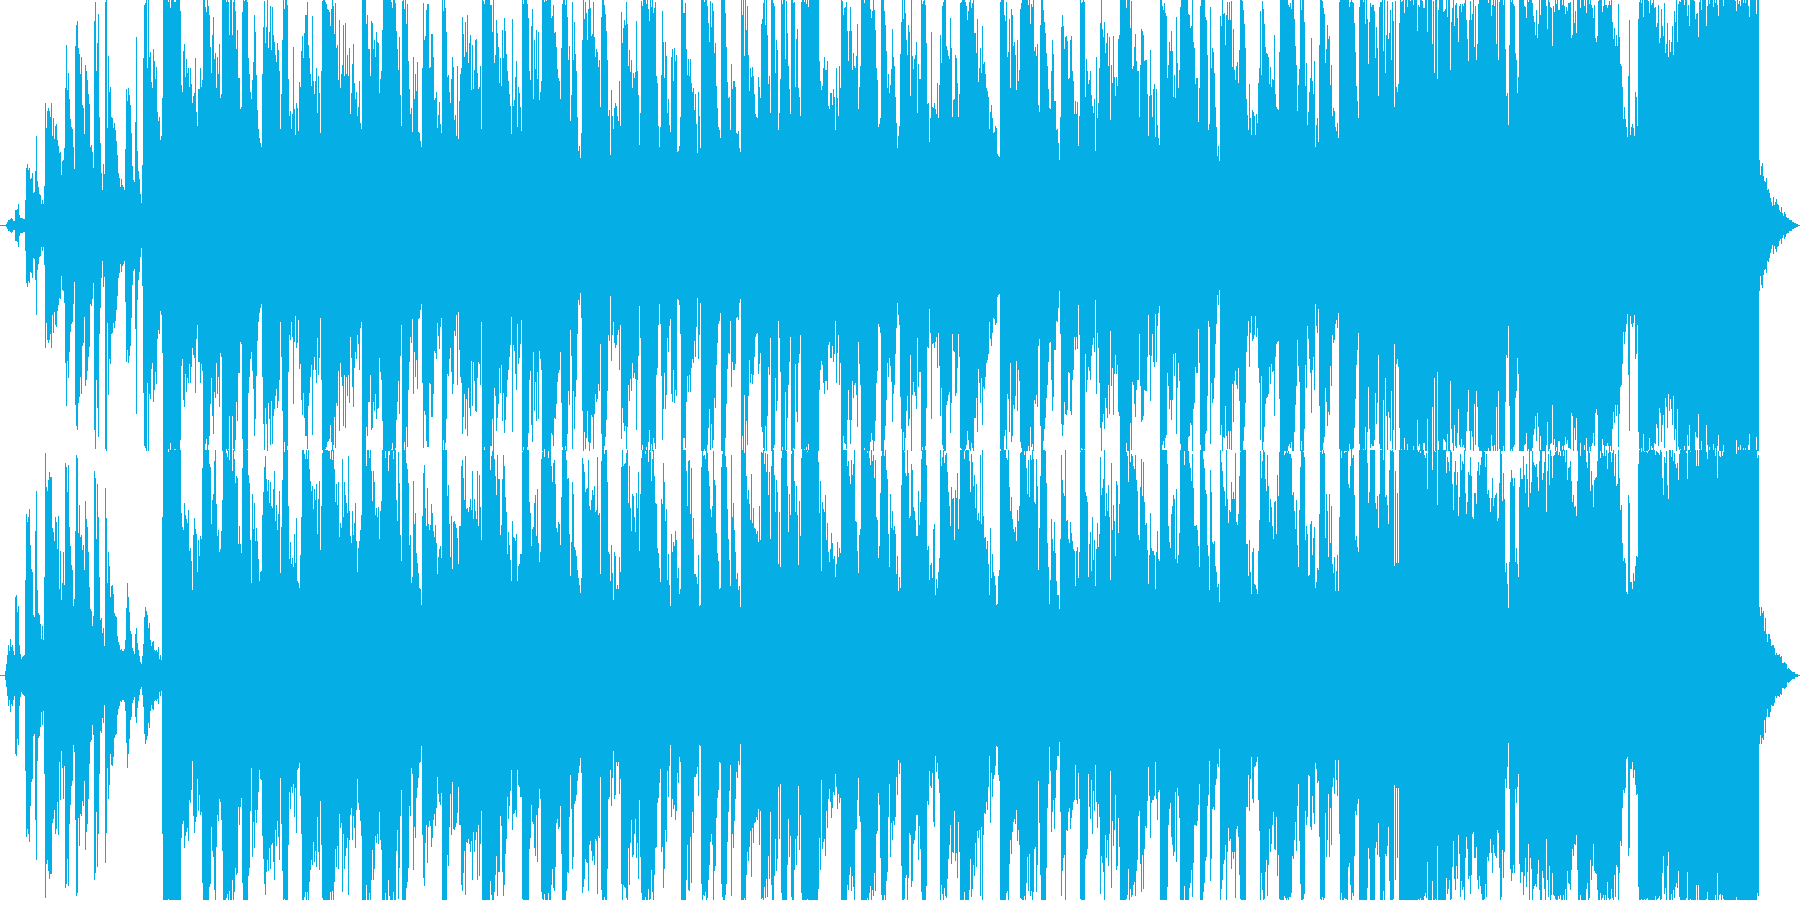 疾走感のある15秒シングルの再生済みの波形